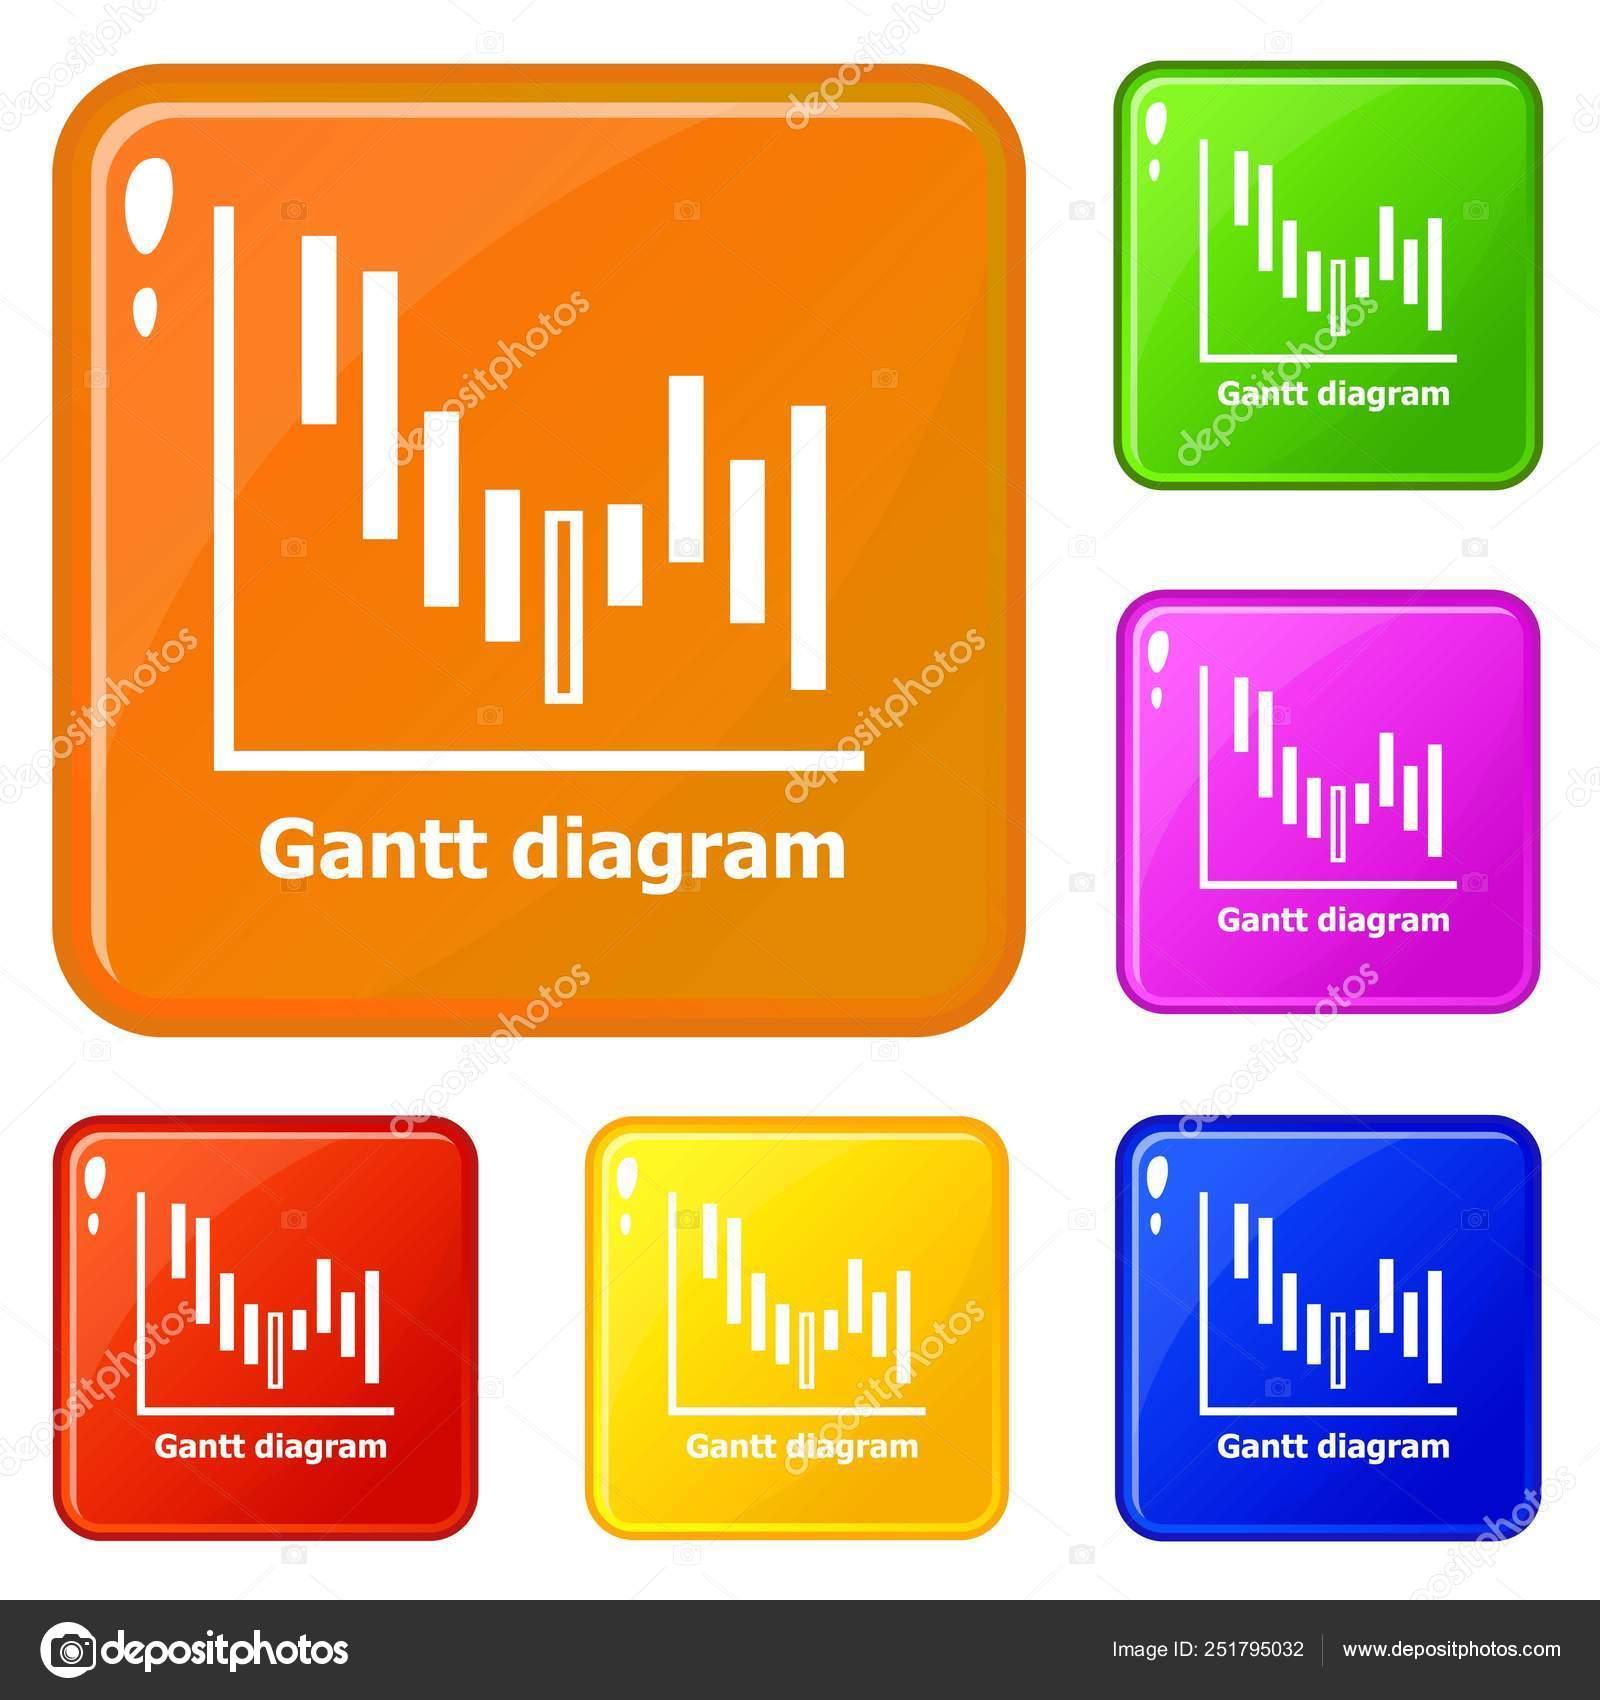 hight resolution of icone del diagramma di gantt impostare colore di vettore illustrazione stock